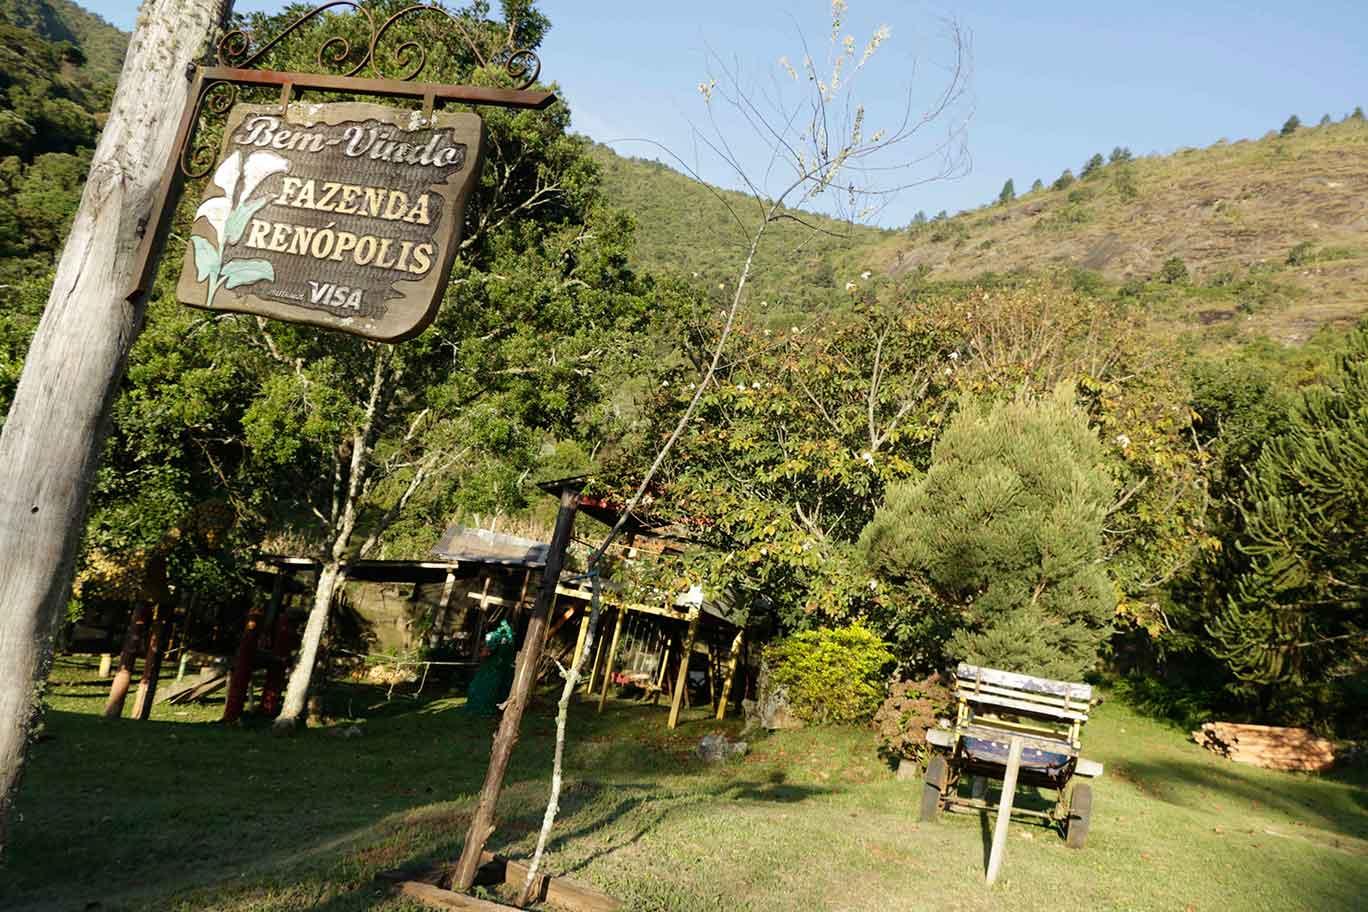 Santo-Antonio-do-Pinhal-Turismo-Rural-Fazenda-Renopolis-_MG_6093-bx